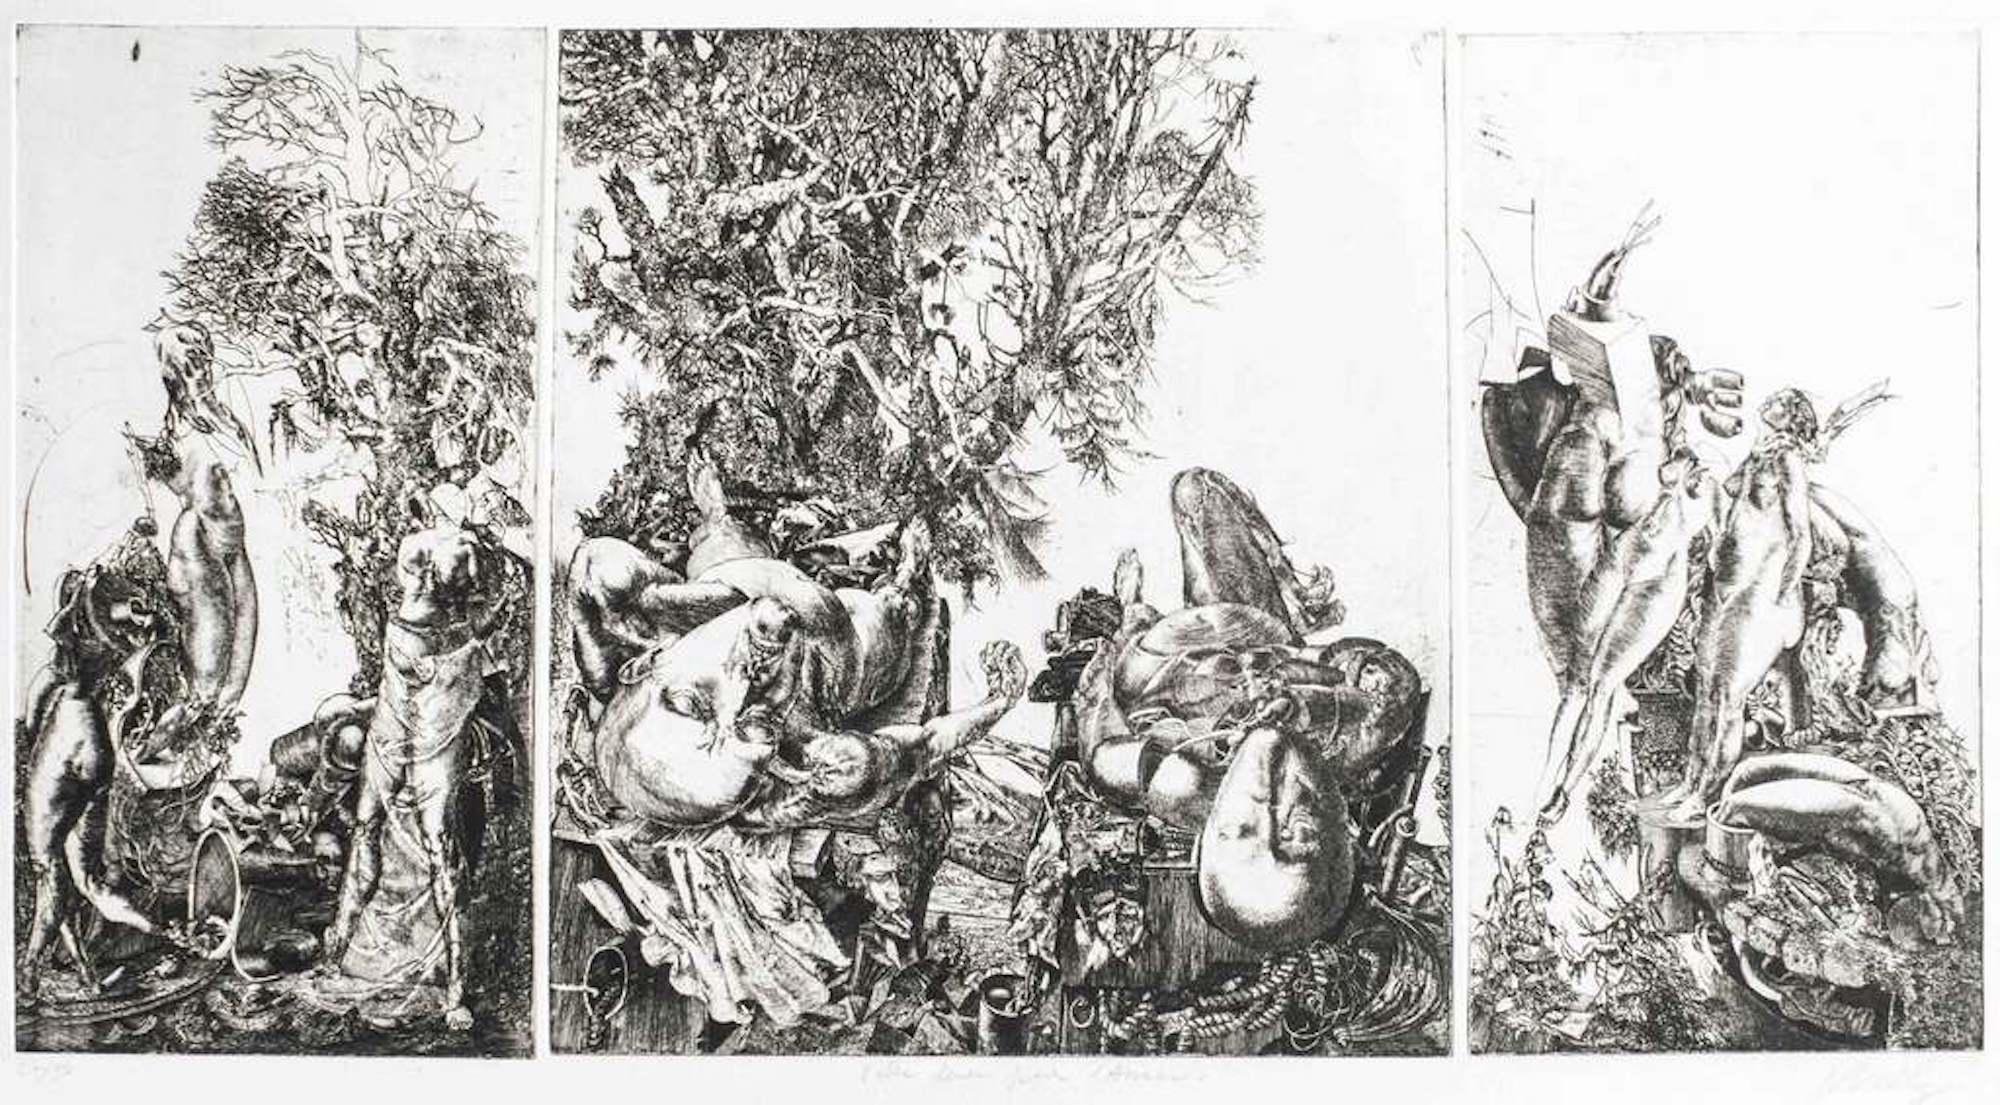 Valse Lente pour l'Anaon (Triptyque) / Slow Waltz for the AnaoN (Triptych)